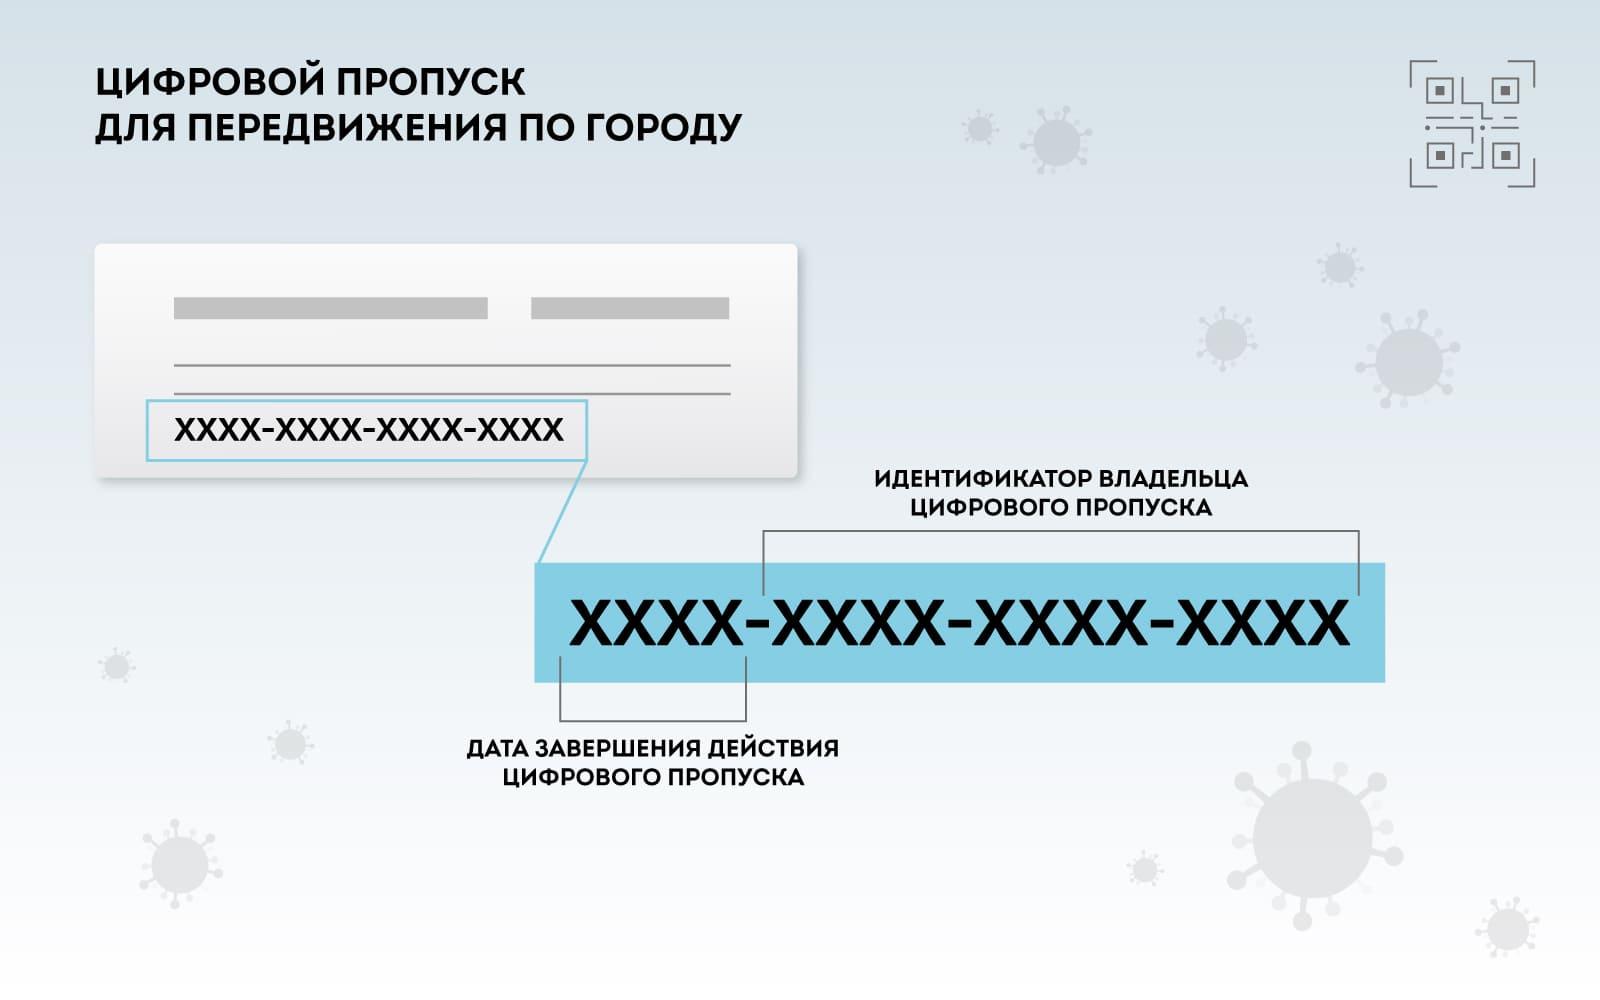 цифровые пропуска в Москве и области 2